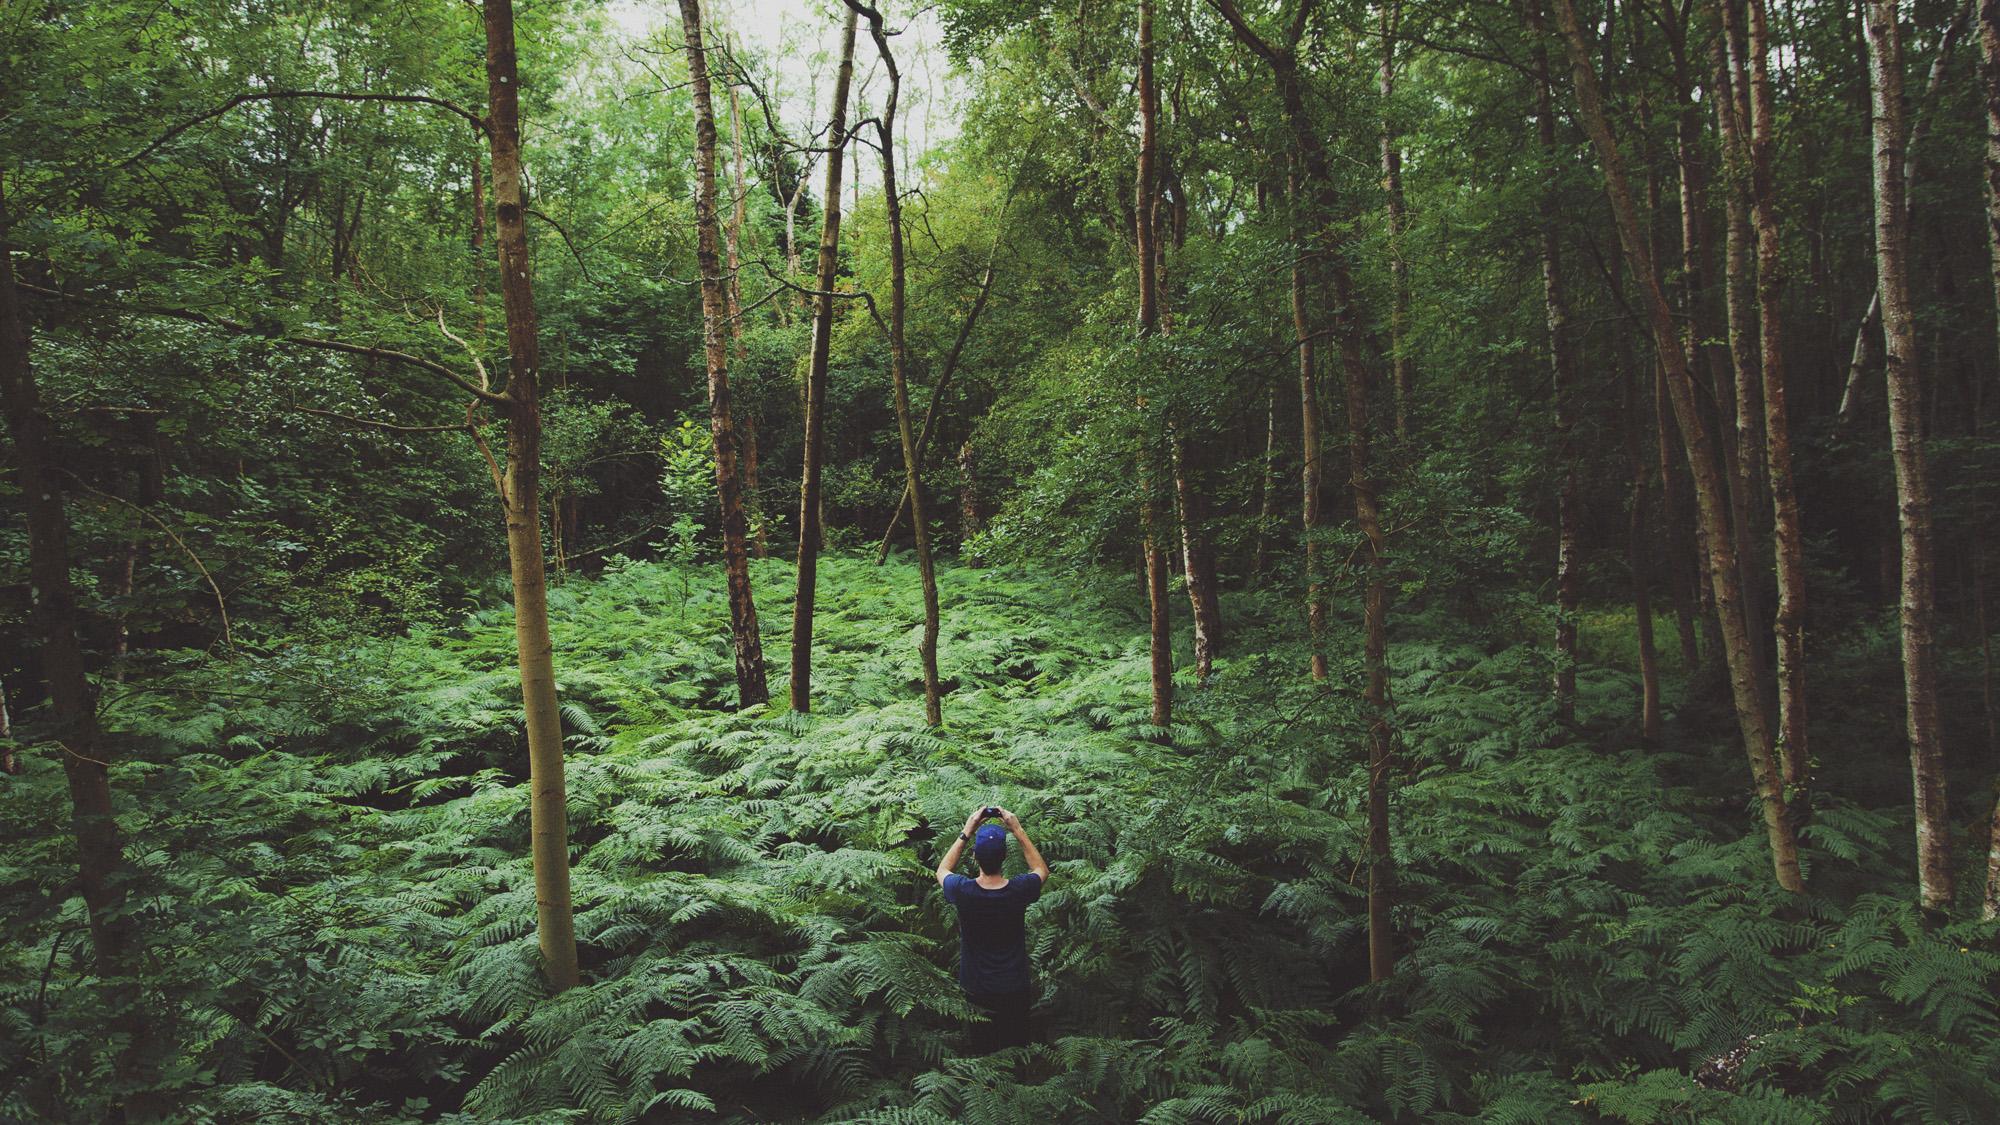 Jackson in woods.jpg